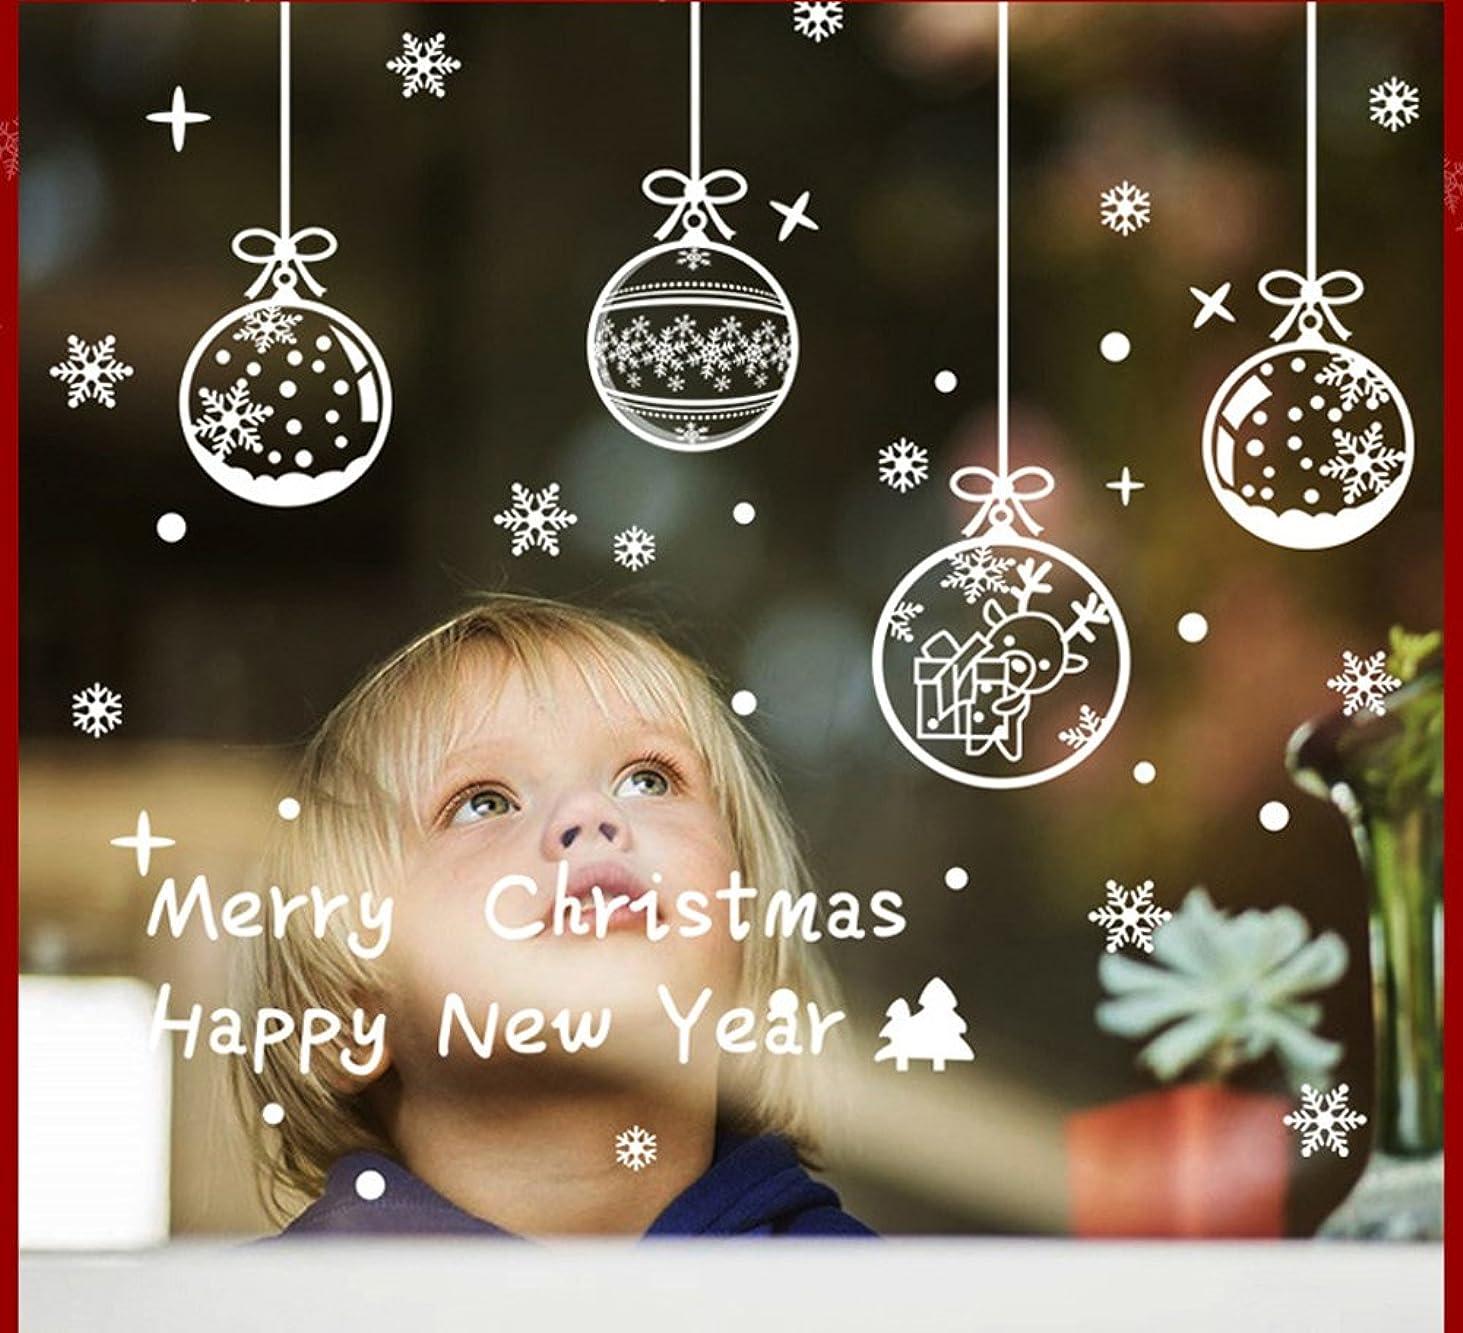 吹きさらしクラウド見えるZooArts ウォールステッカー クリスマス飾り 雪の結晶 Merry Christmas クリスマスツリー ホワイト 雰囲気満点 子供部屋 デパート 店舗 ショーウインドウ ガラス 装飾 オーナメント 壁紙シール おしゃれ インテリア雑貨 賃貸OK